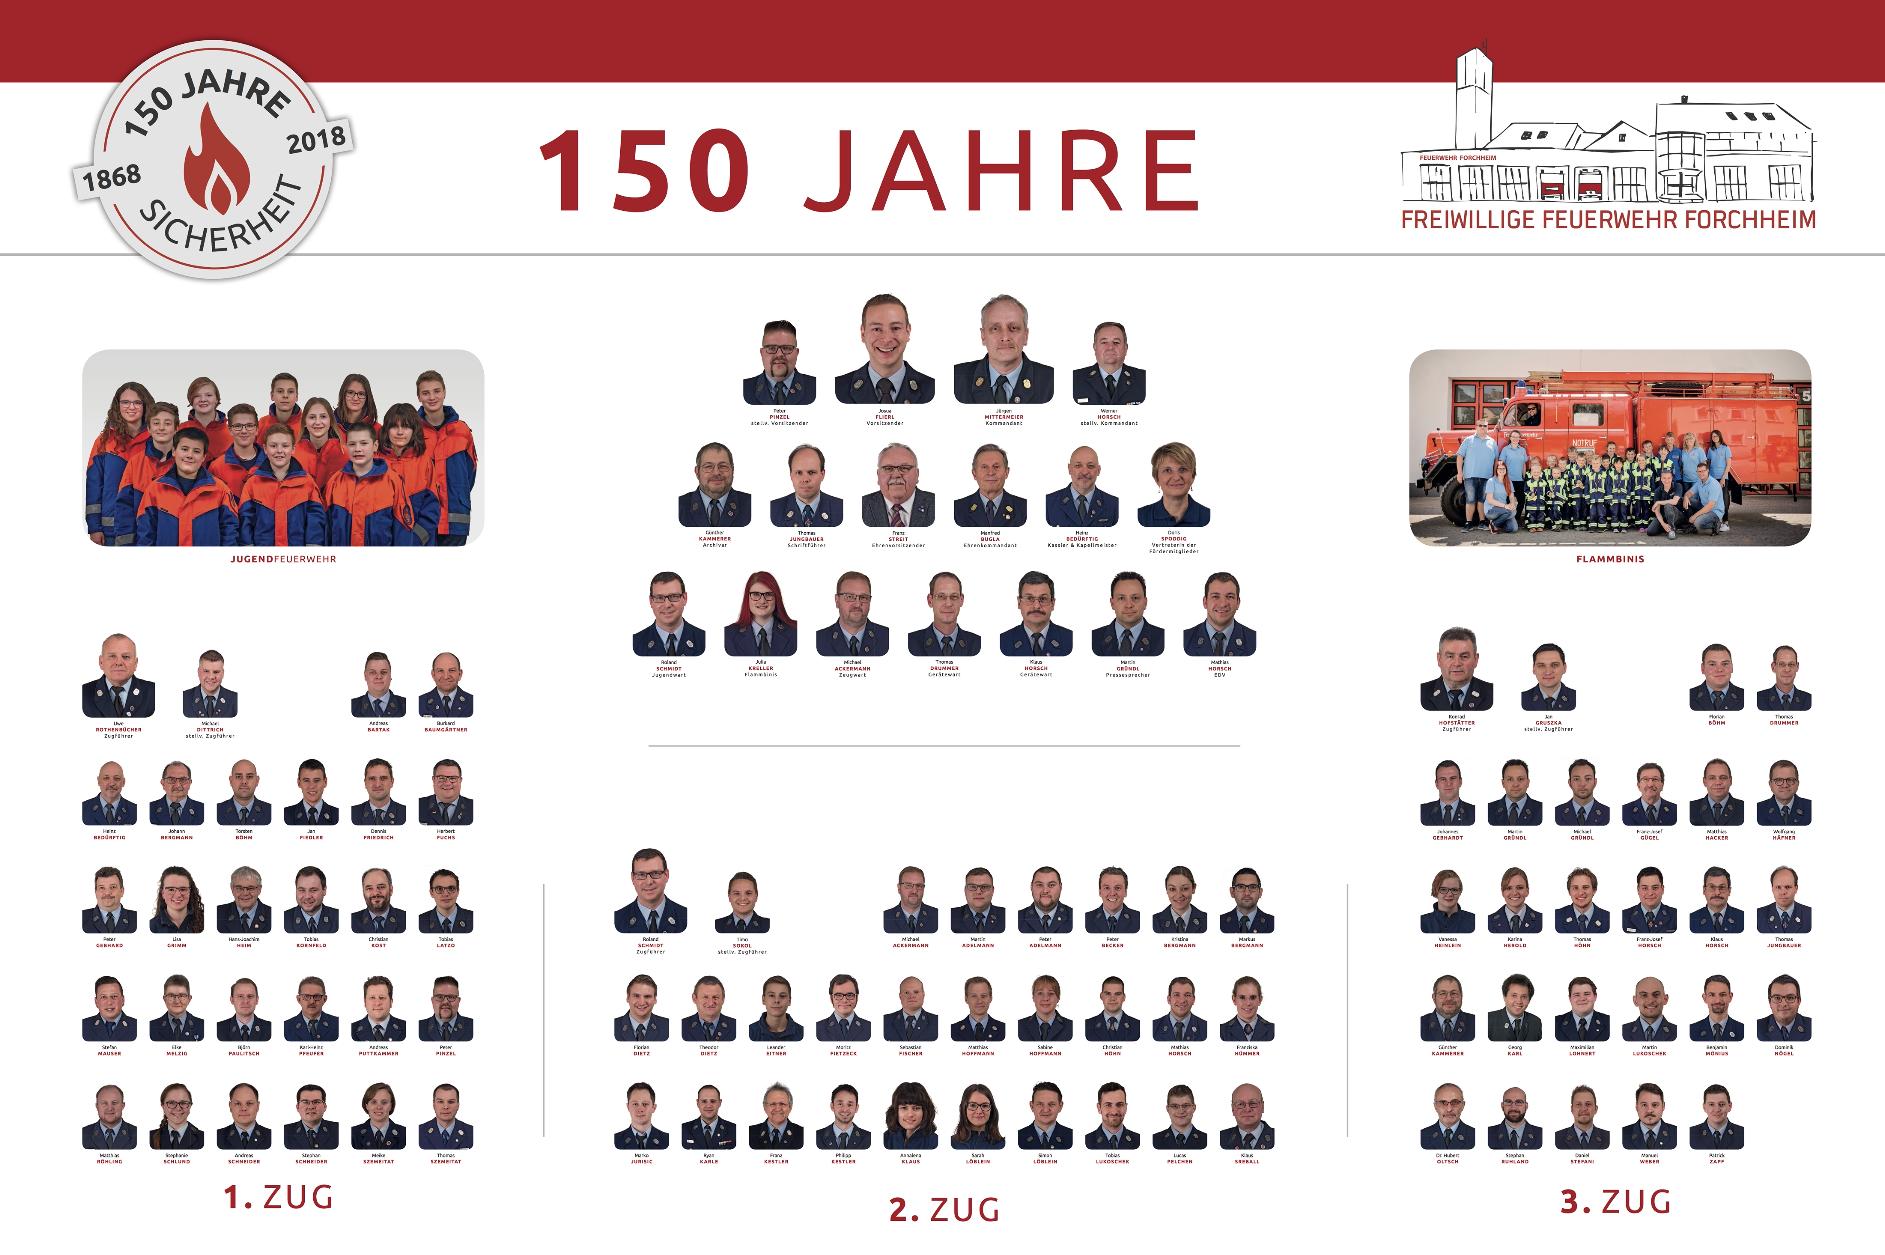 Gruppenbild - 150 Jahre Freiwillige Feuerwehr Forchheim